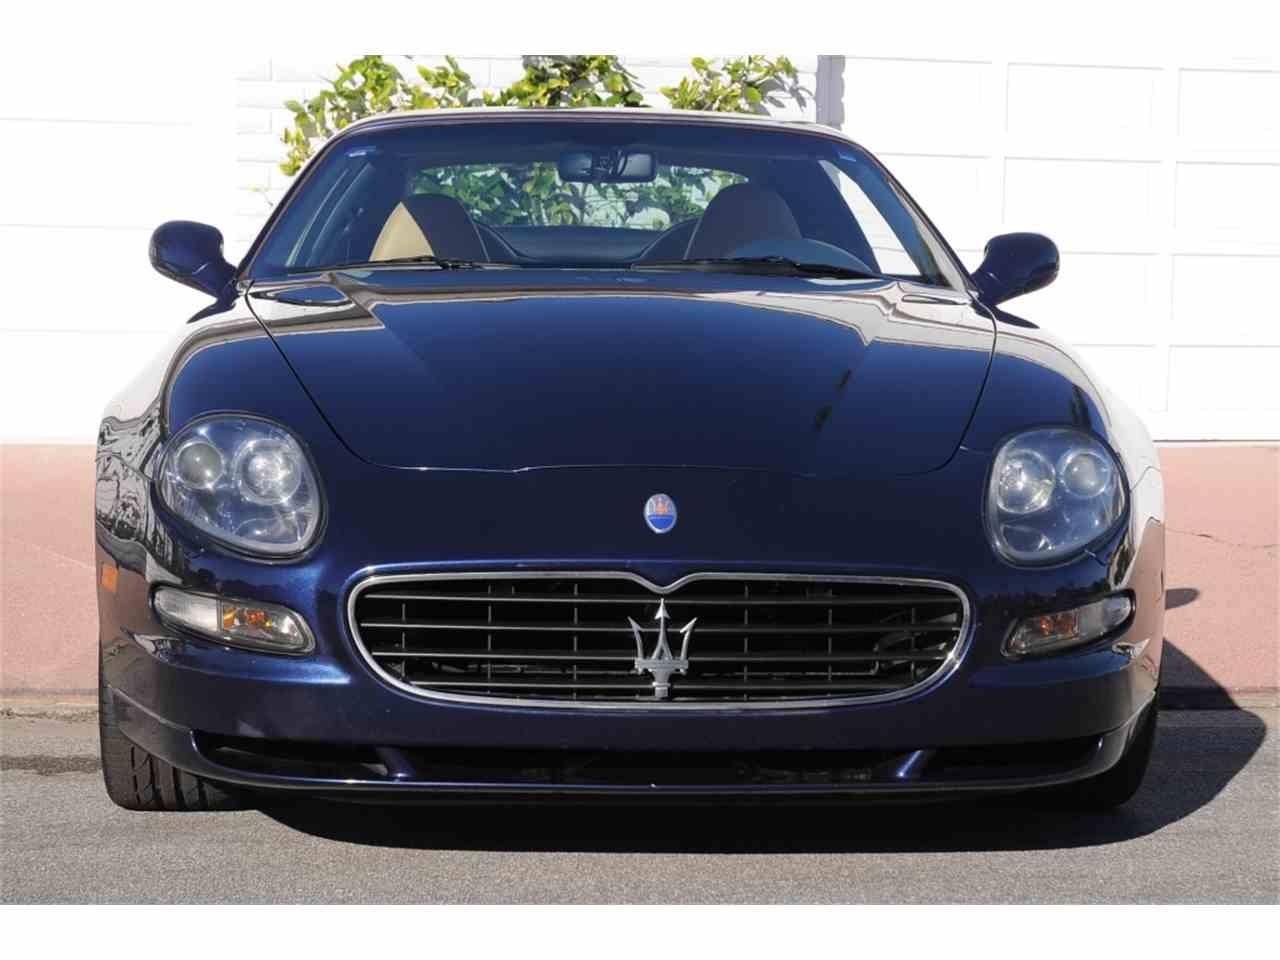 2005 Maserati Cambiocorsa for Sale - CC-957768